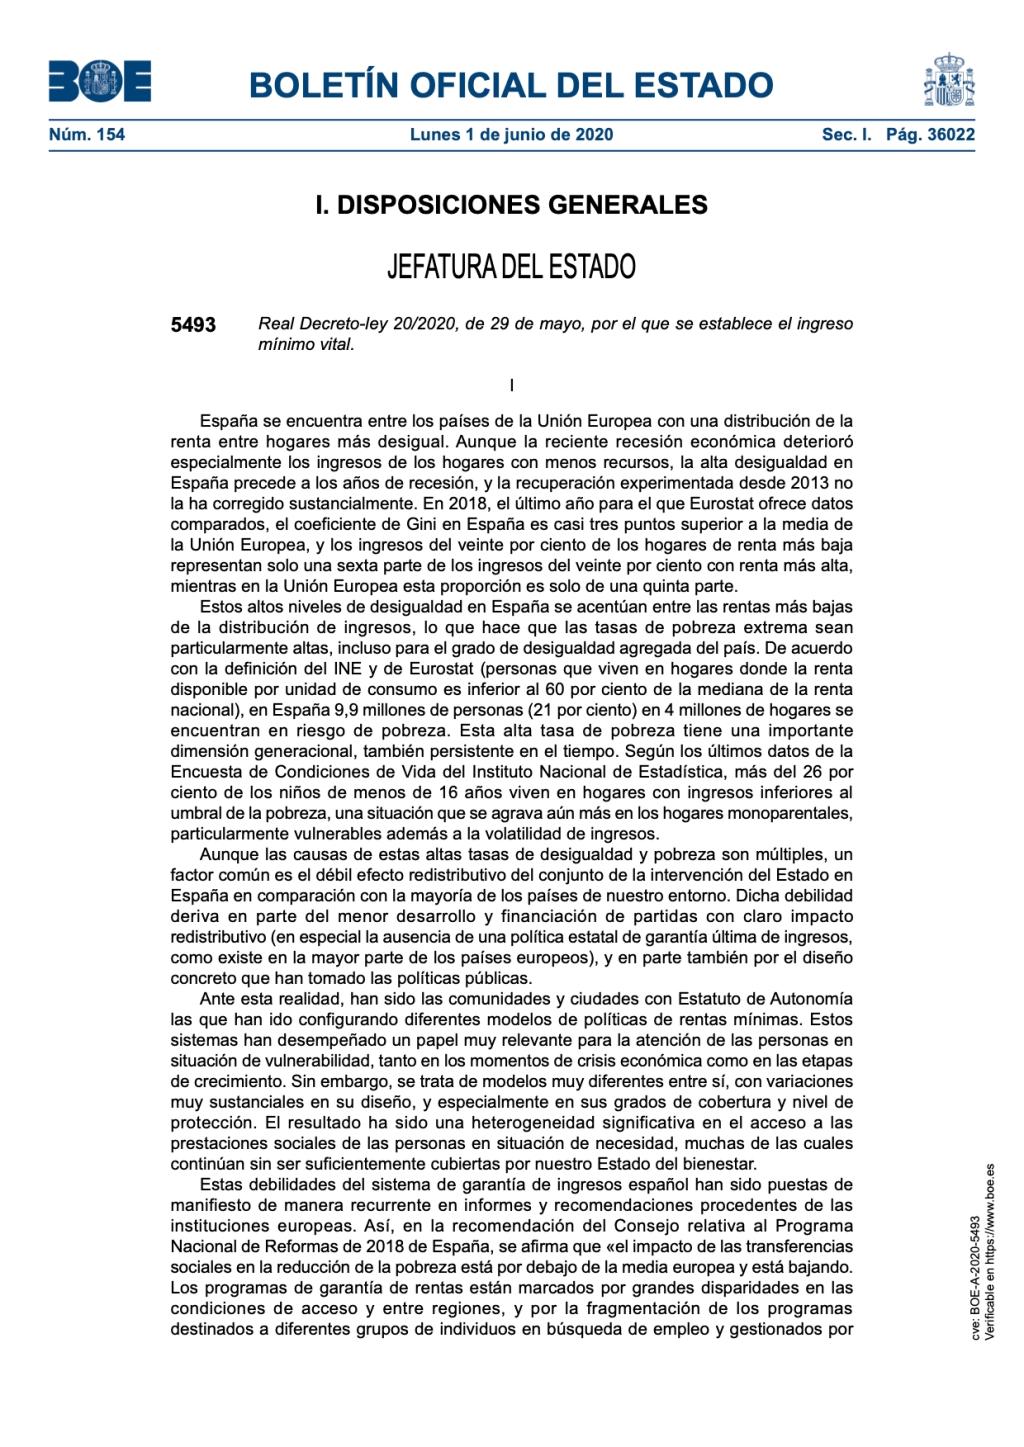 Real Decreto-ley 20/2020, de 29 de mayo, por el que se establece el ingreso mínimo vital.